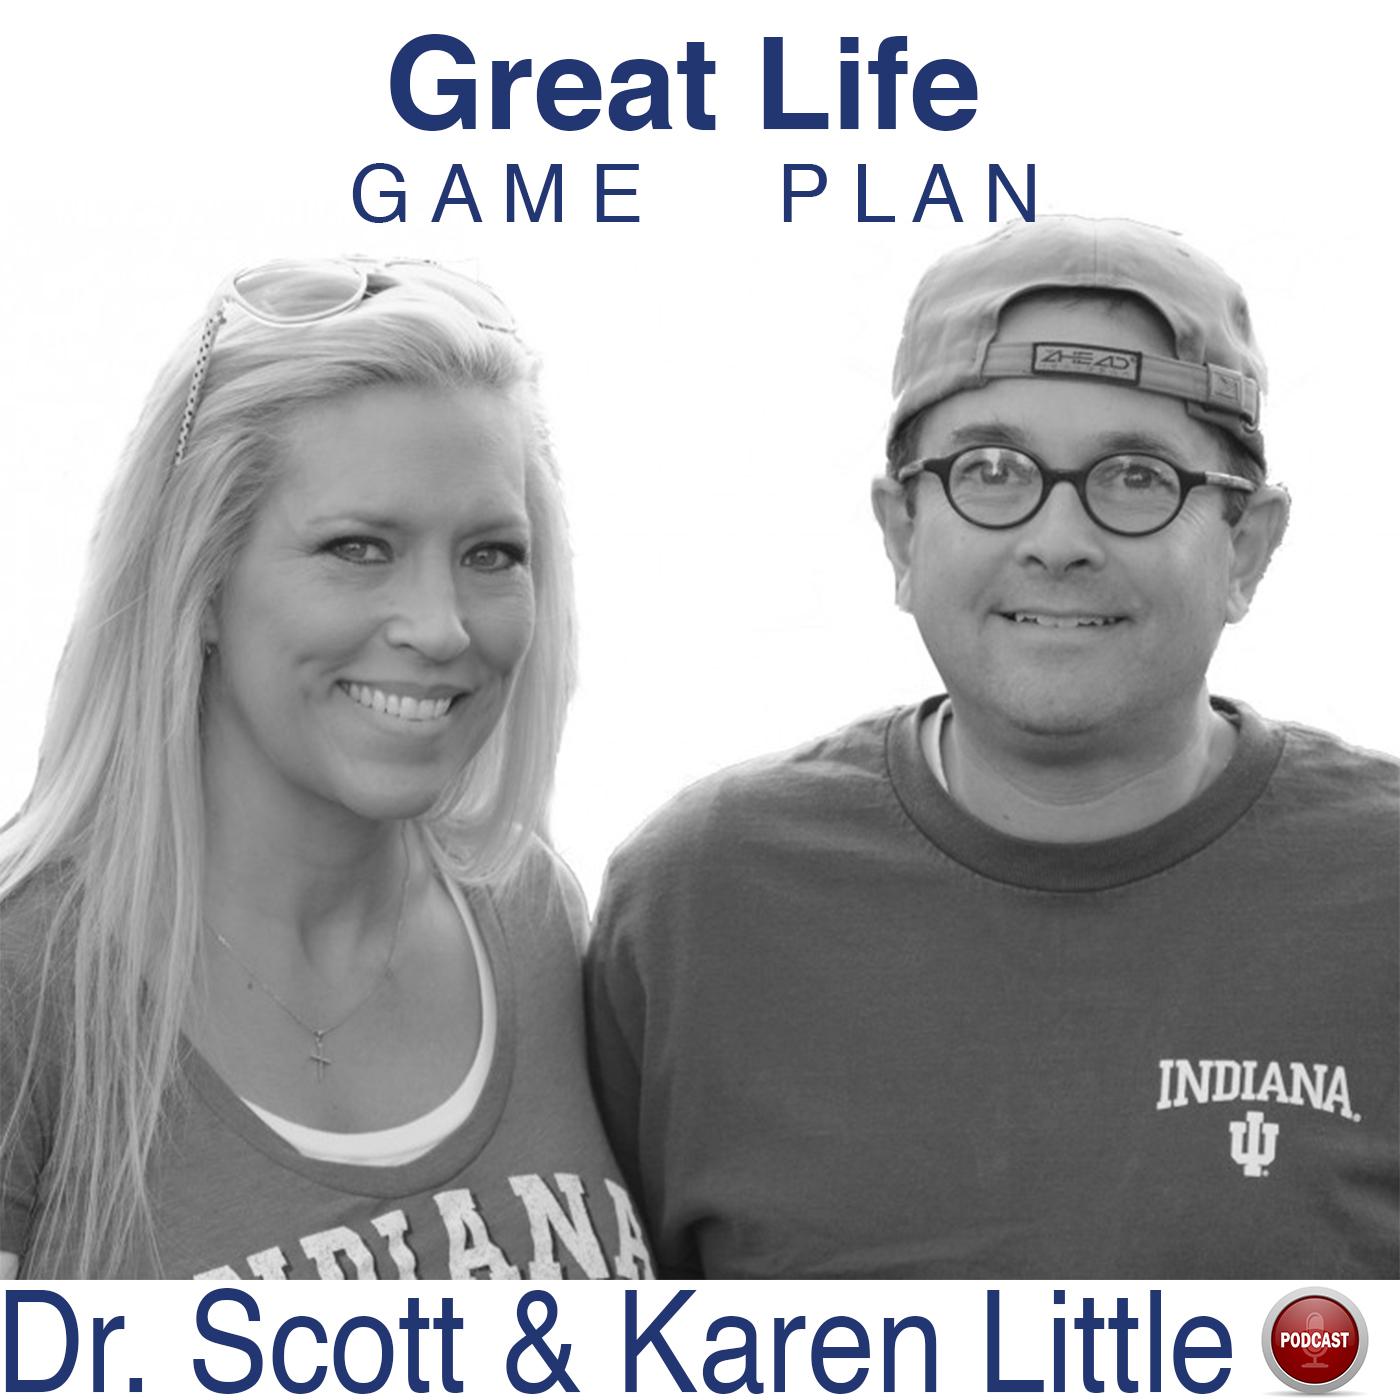 Great Life Game Plan